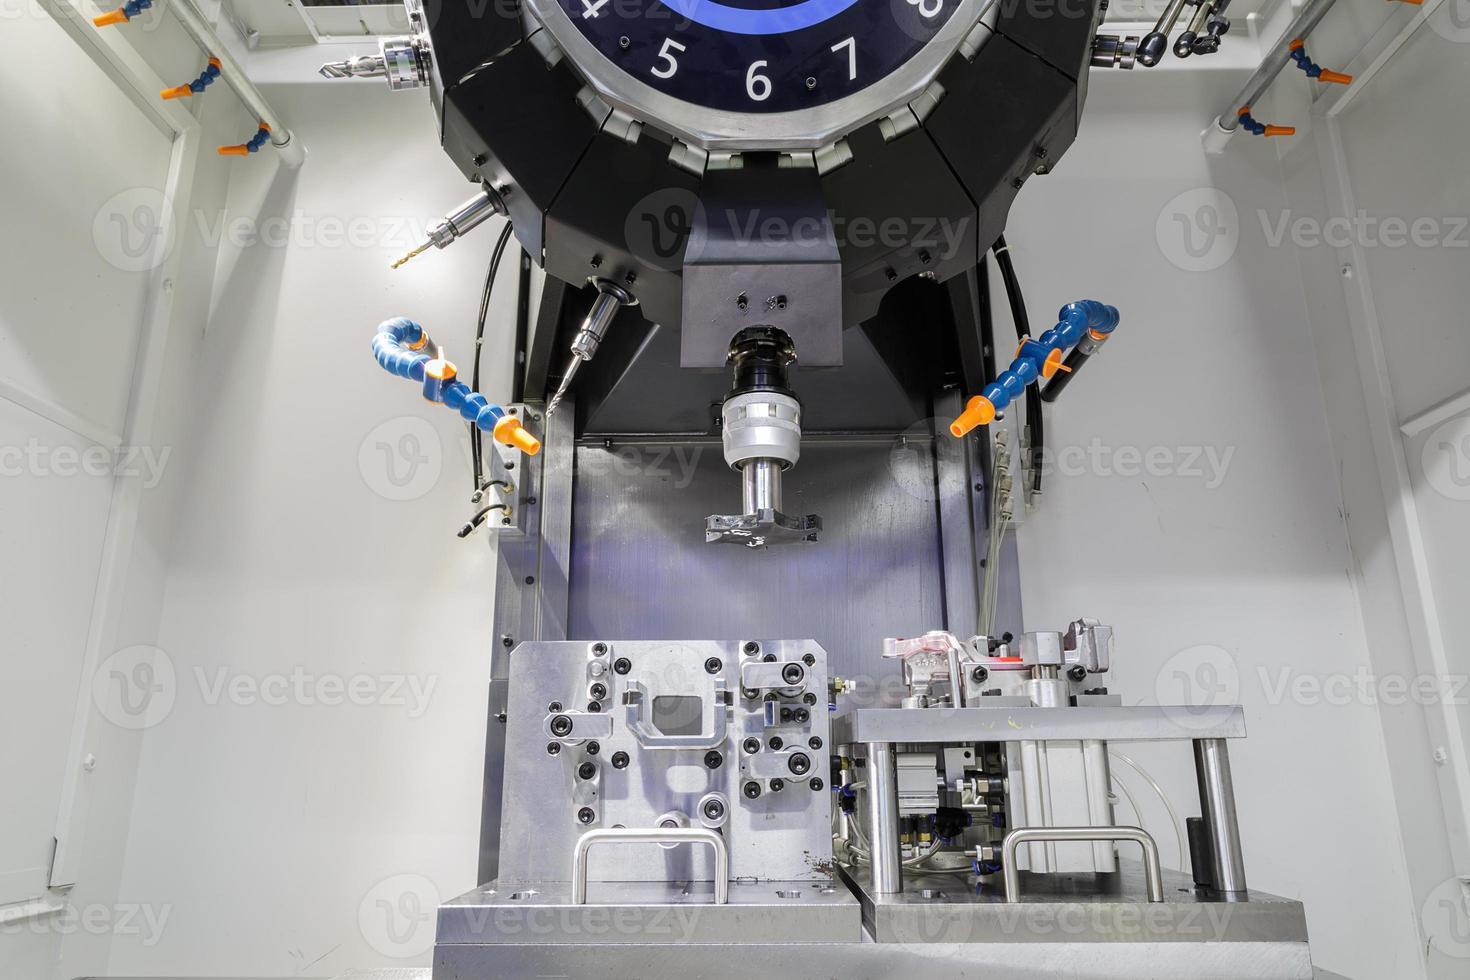 industriell metallbearbetning skärprocess av bildelar med verktyg foto